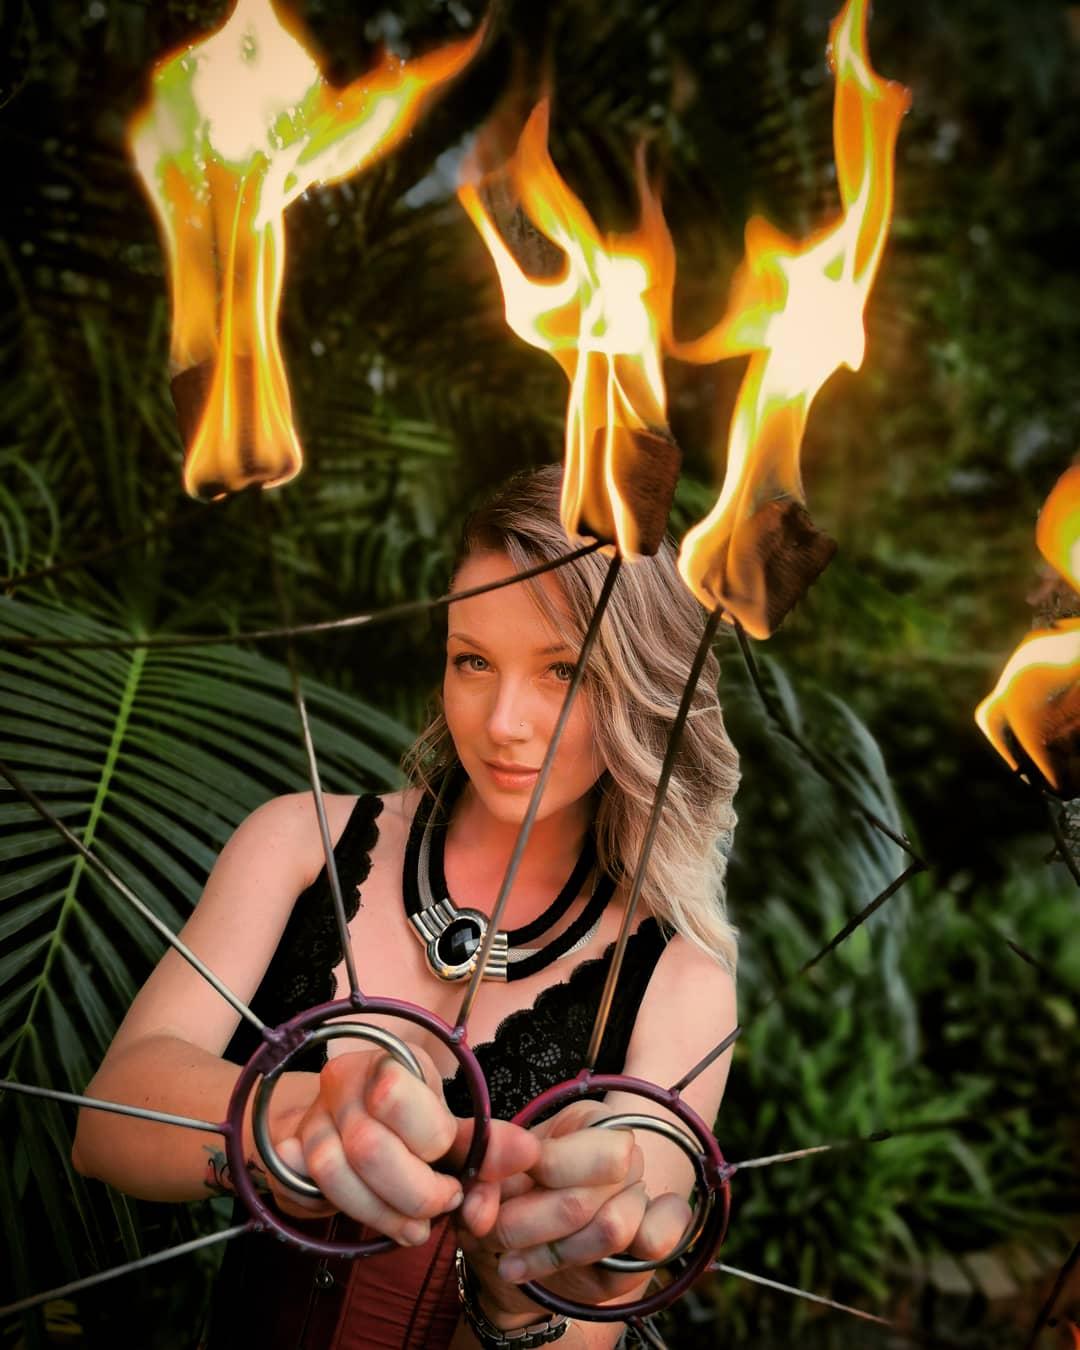 Fiery Fans